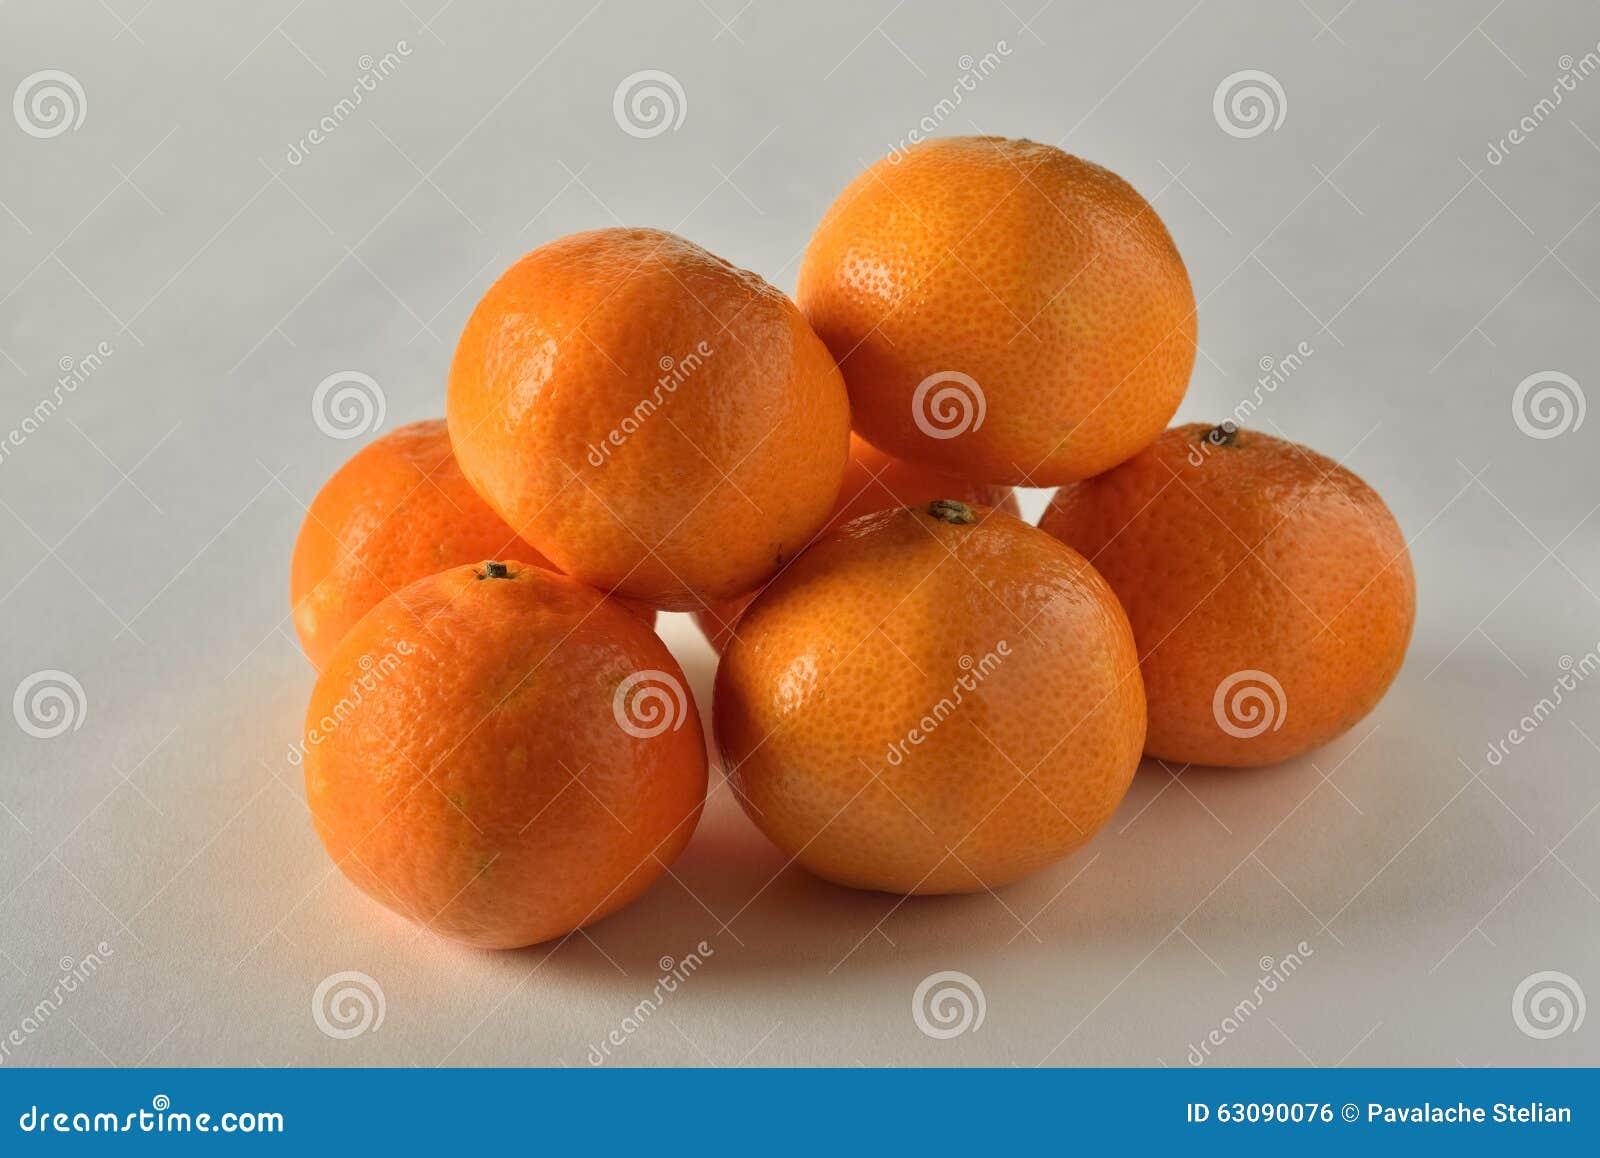 Download Oranges photo stock. Image du brillamment, boisson, durée - 63090076